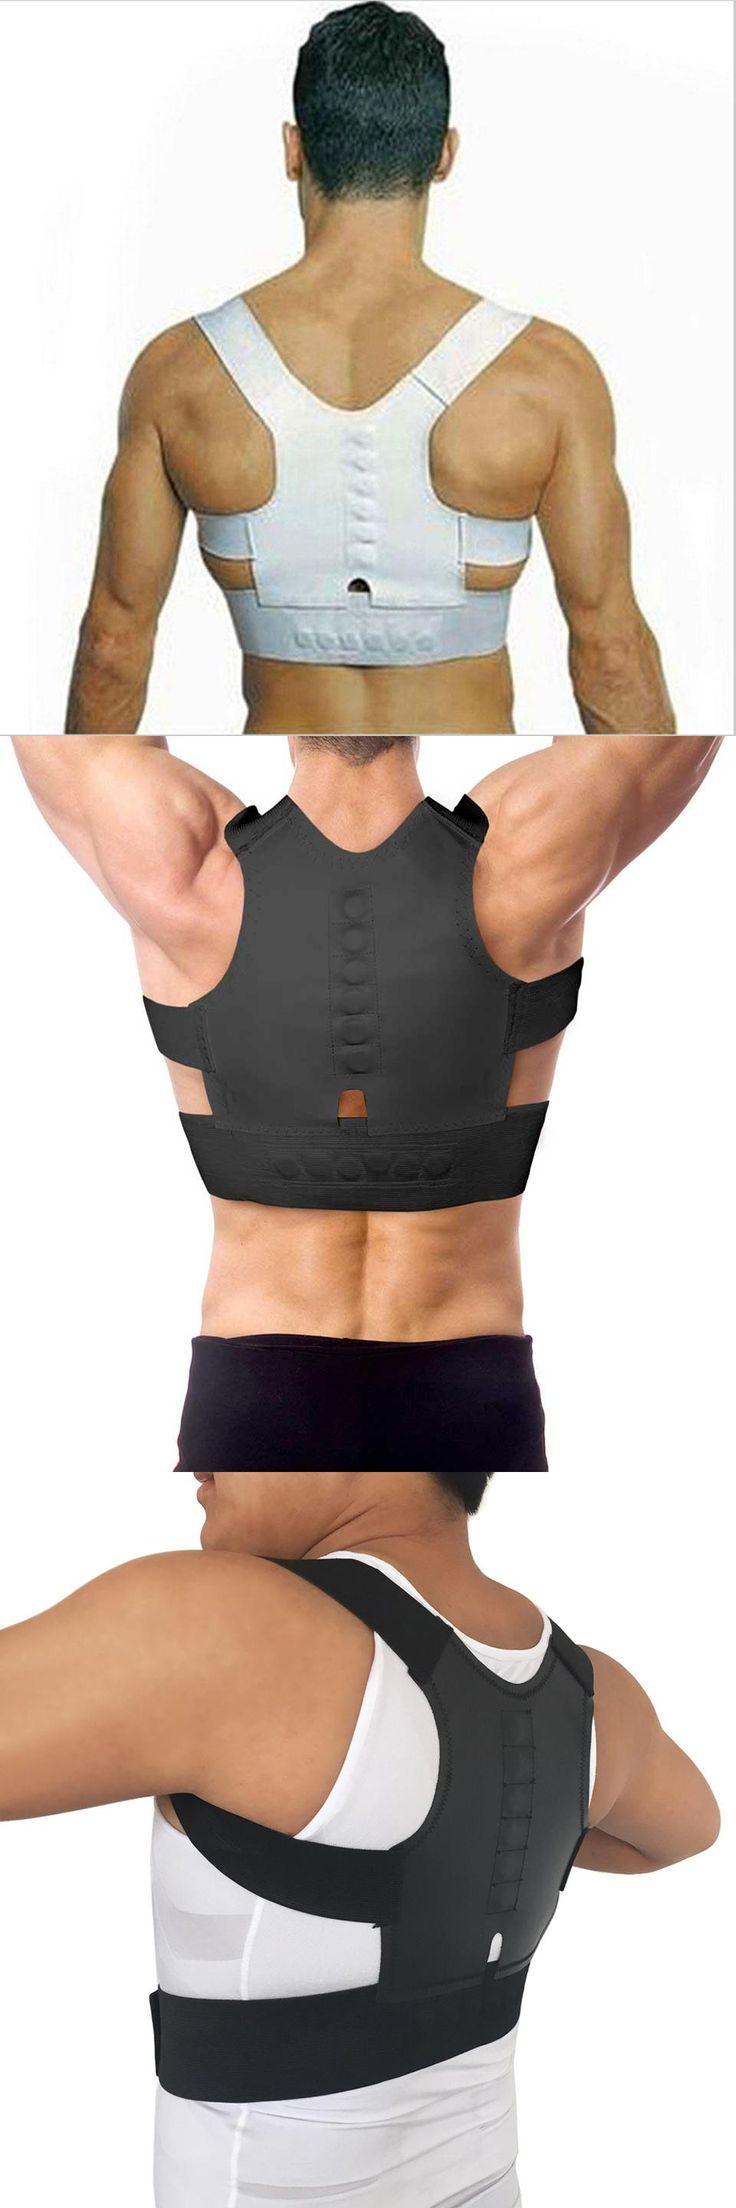 [Visit to Buy] Othopedic Corset Men Back Brace Support Posture Corrector Straight Back Shoulder Support Posture Corset Back Pain B001 #Advertisement